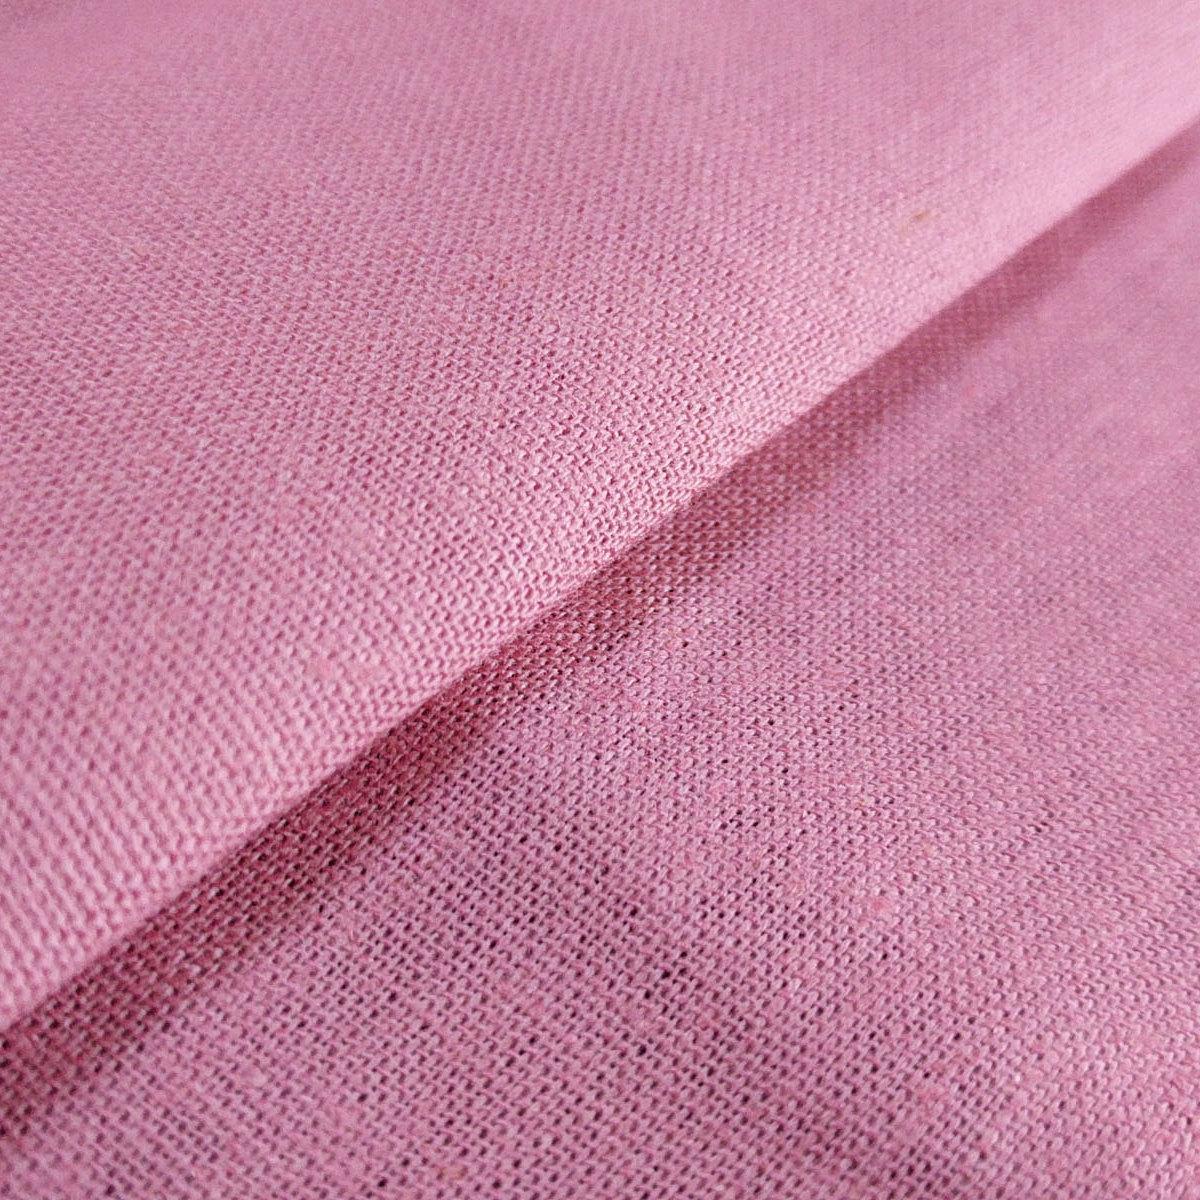 Ткань Лен, 55% Лен и 45% Вискоза, Розовый